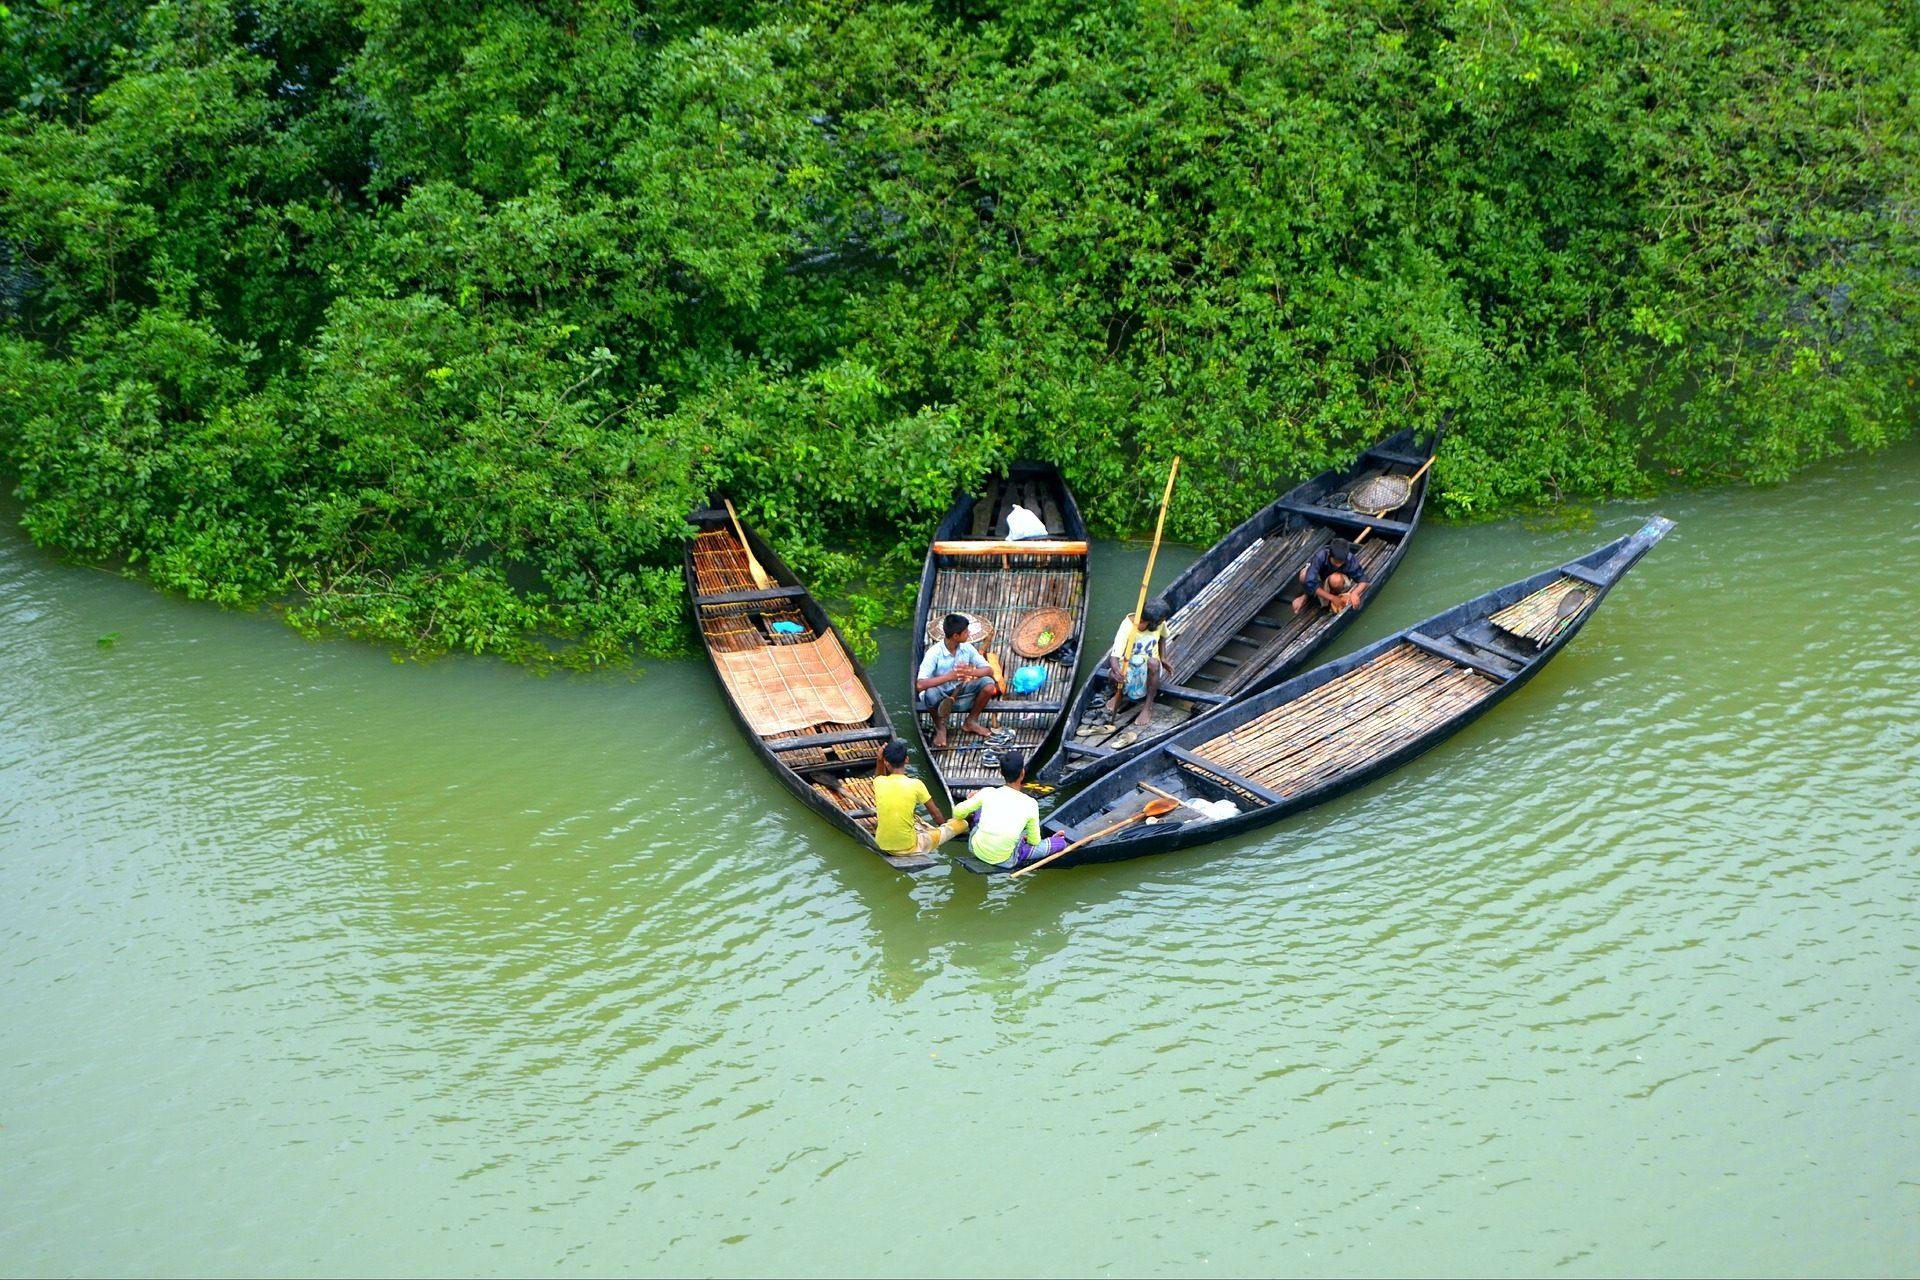 Ποταμός, κανό, ψαράδες, βλάστηση, Μπαγκλαντές - Wallpapers HD - Professor-falken.com